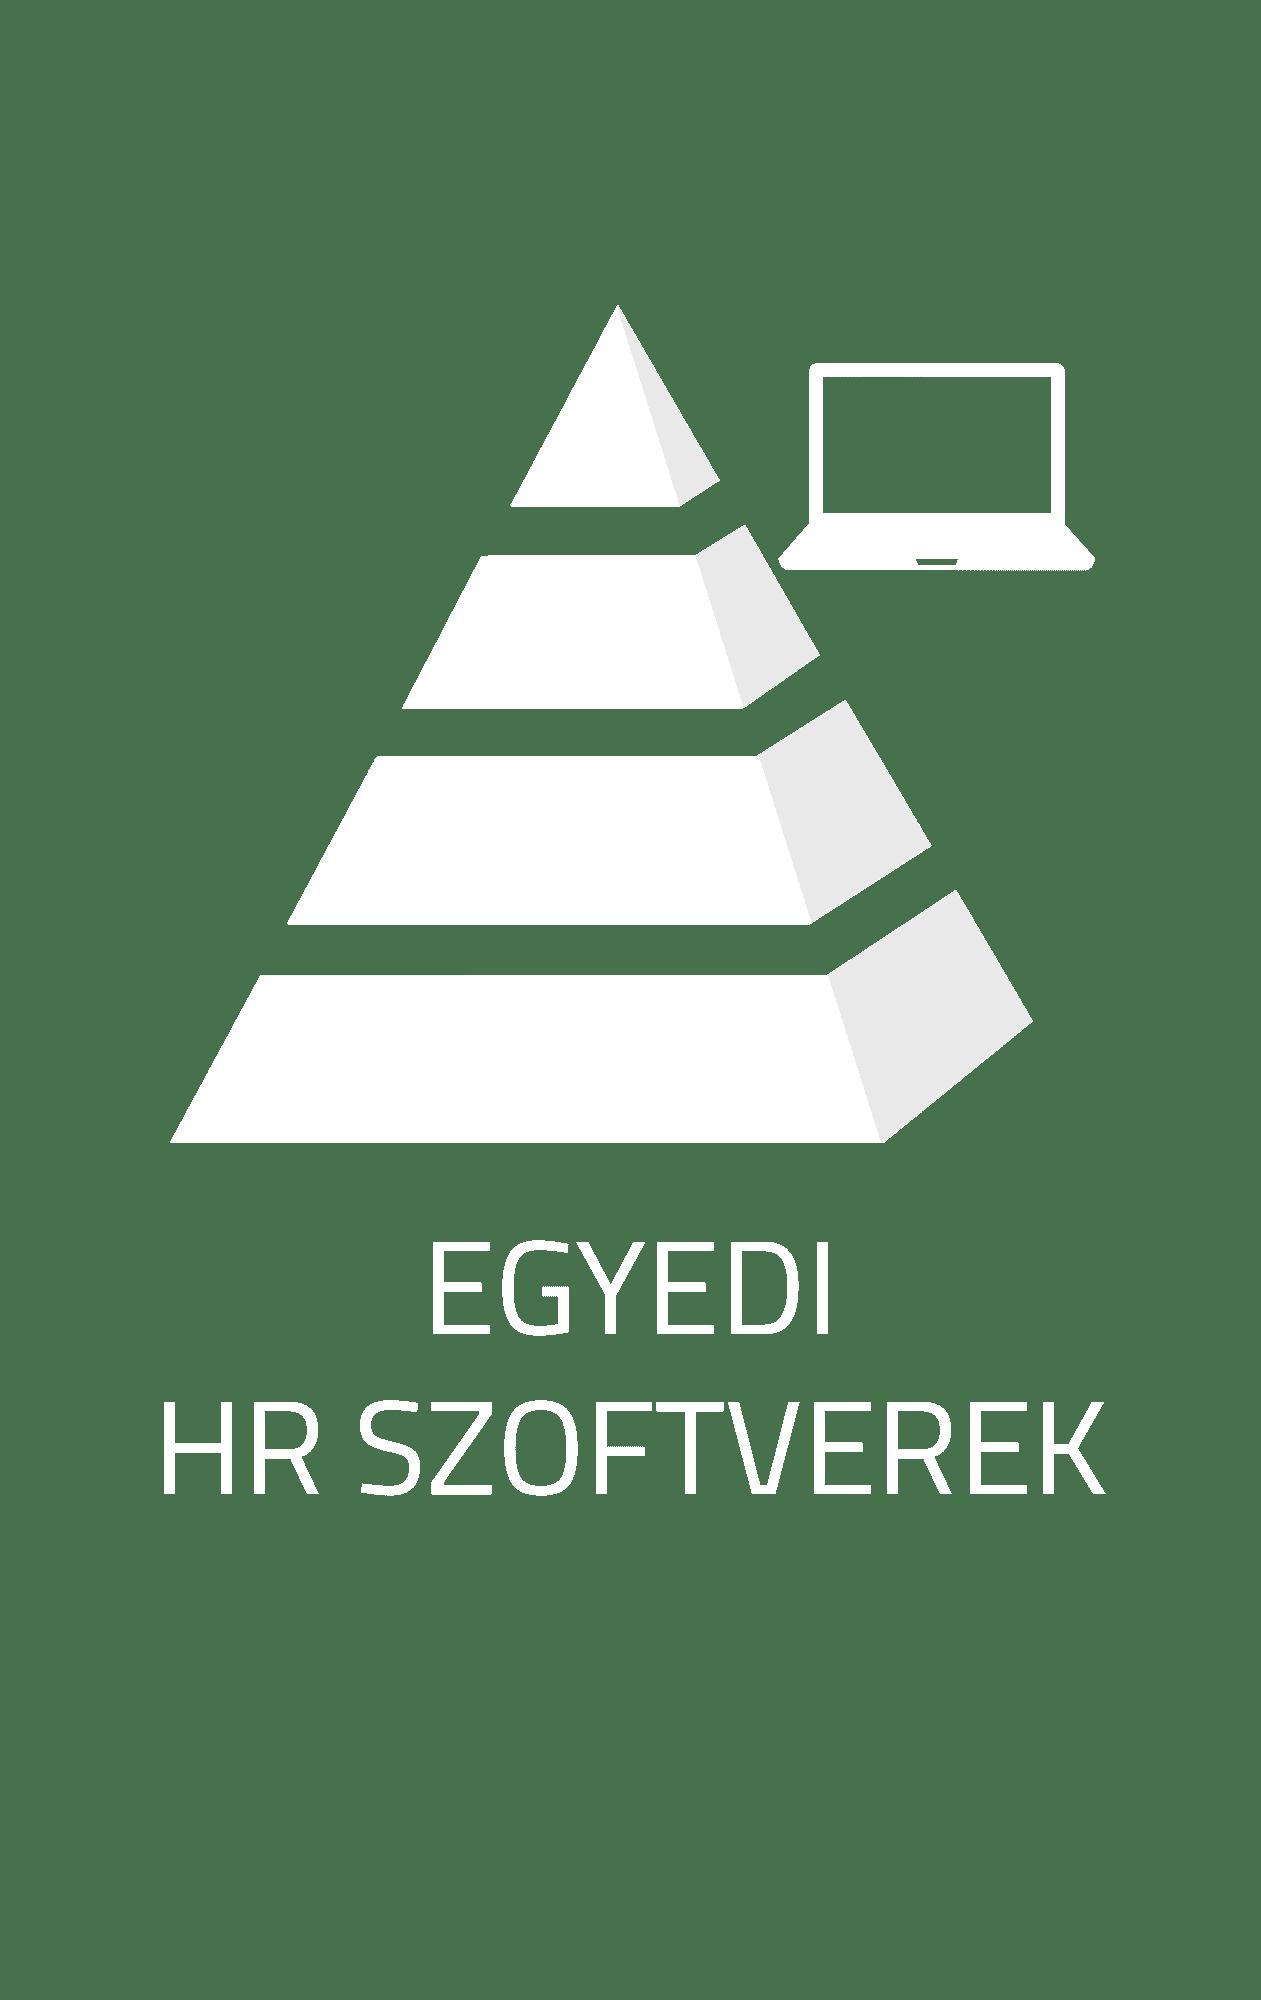 Egyedi HR szoftverek